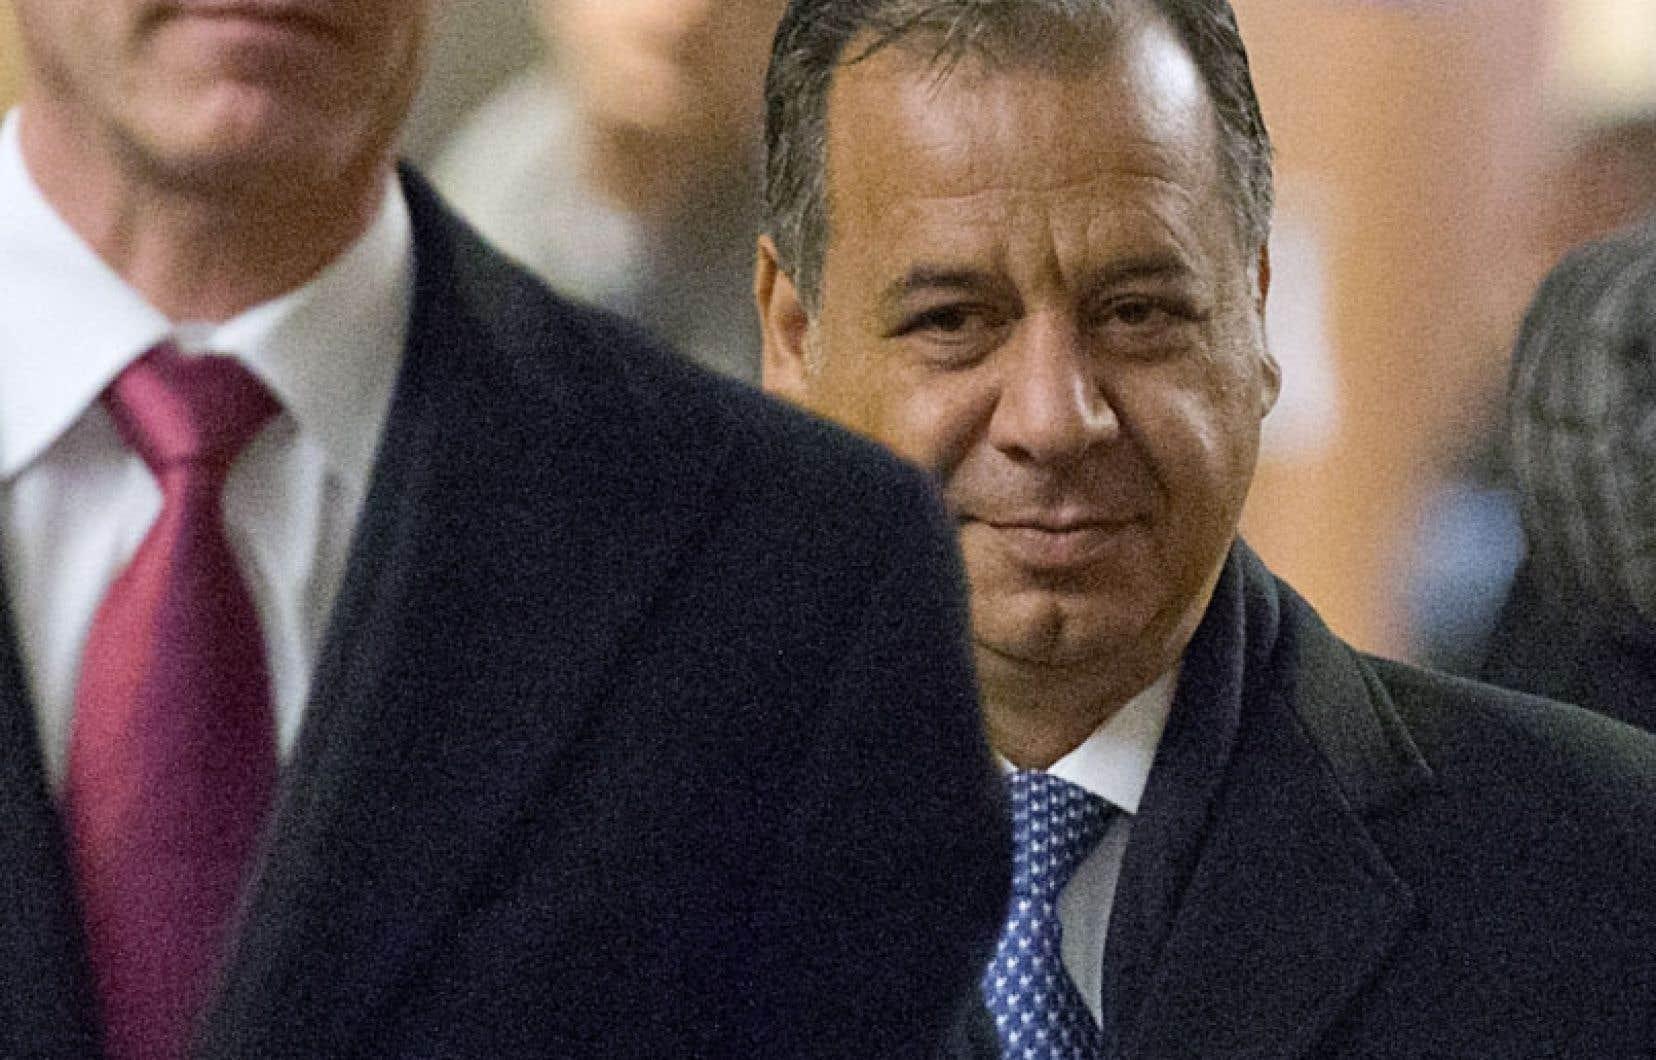 Le promoteur immobilier Paolo Catania est lié à 149 chefs d'accusation et s'expose à des amendes de plus de 4 millions de dollars.